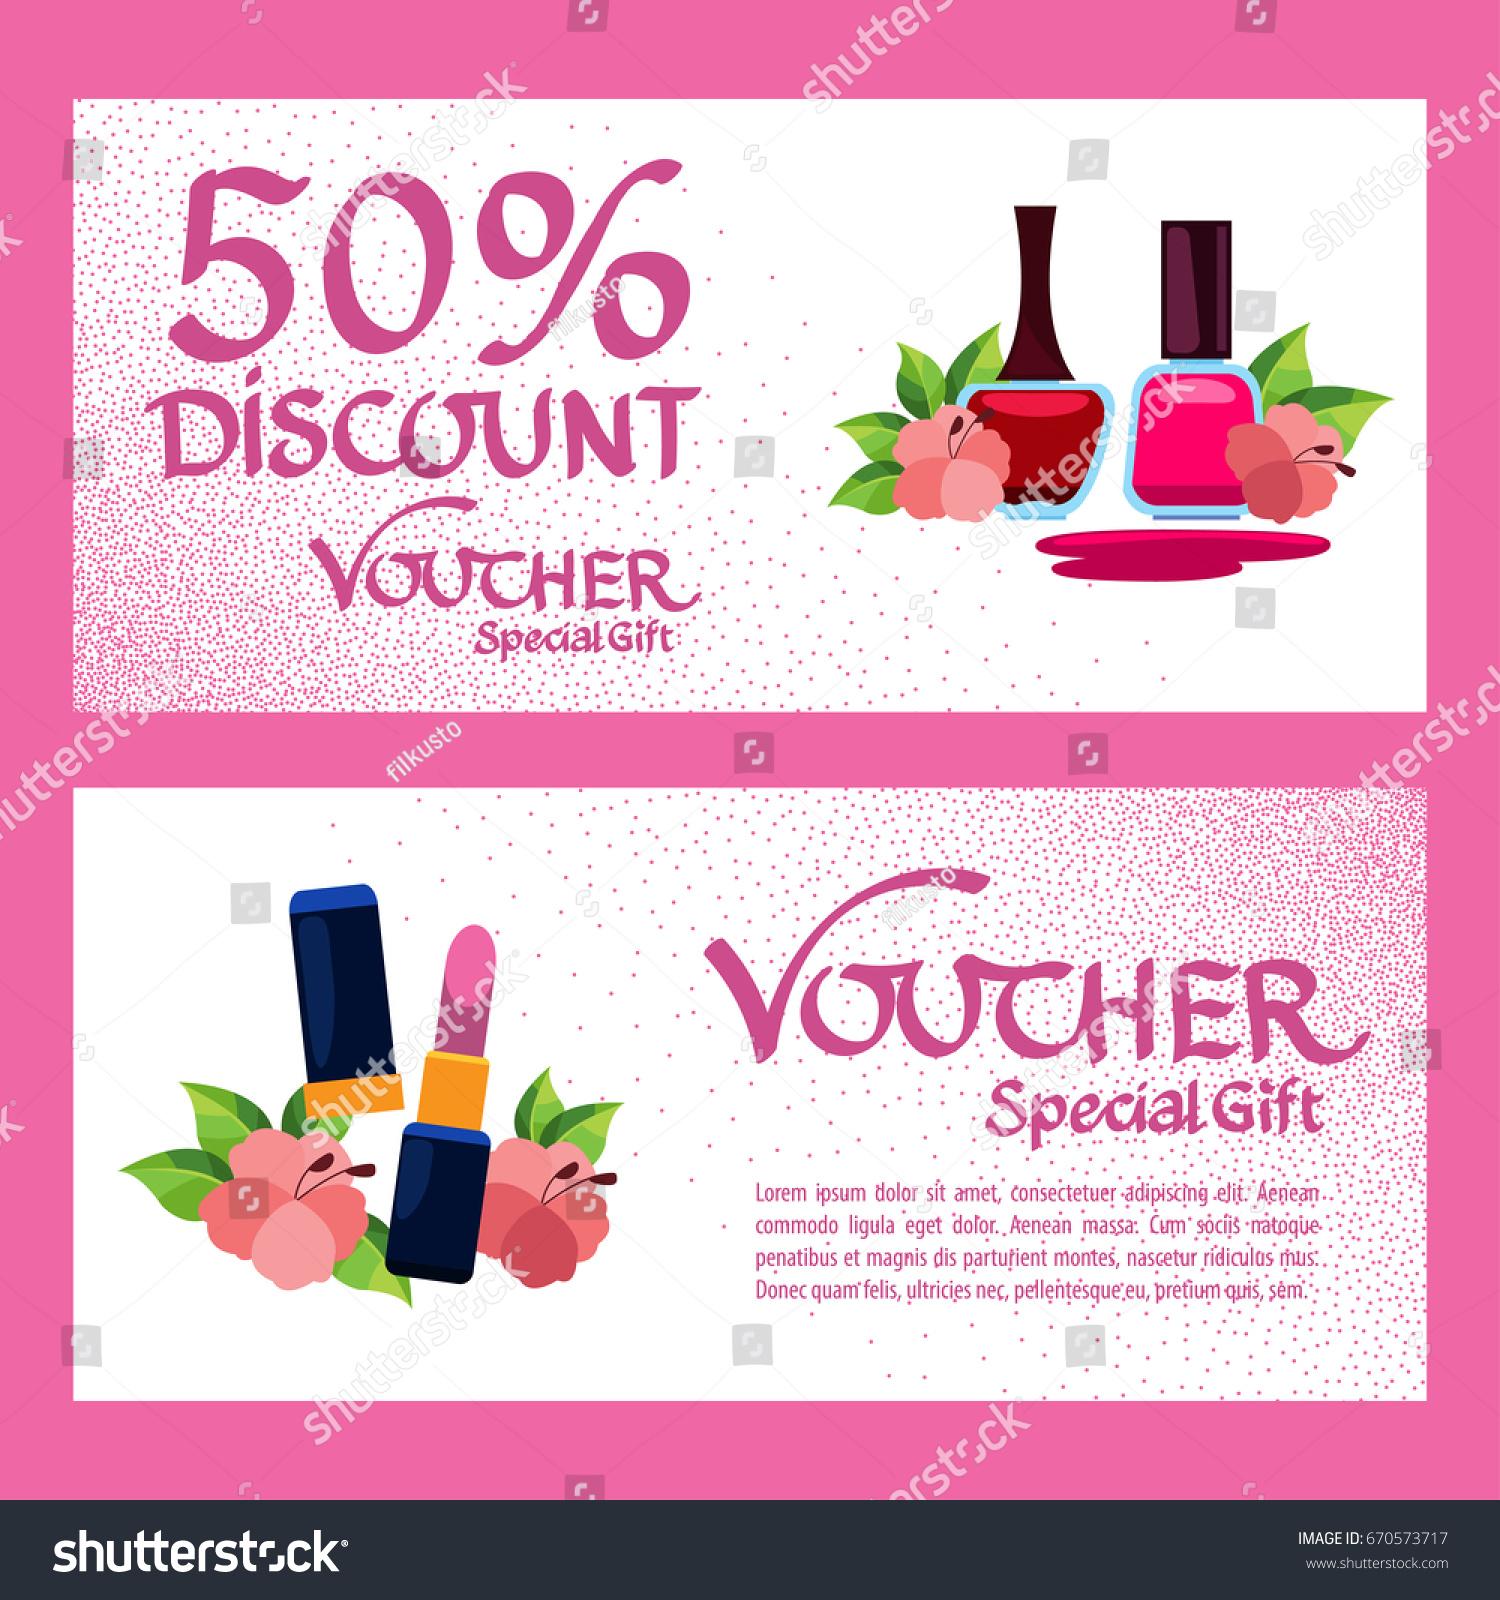 salon coupon template - Dcbuscharter.co